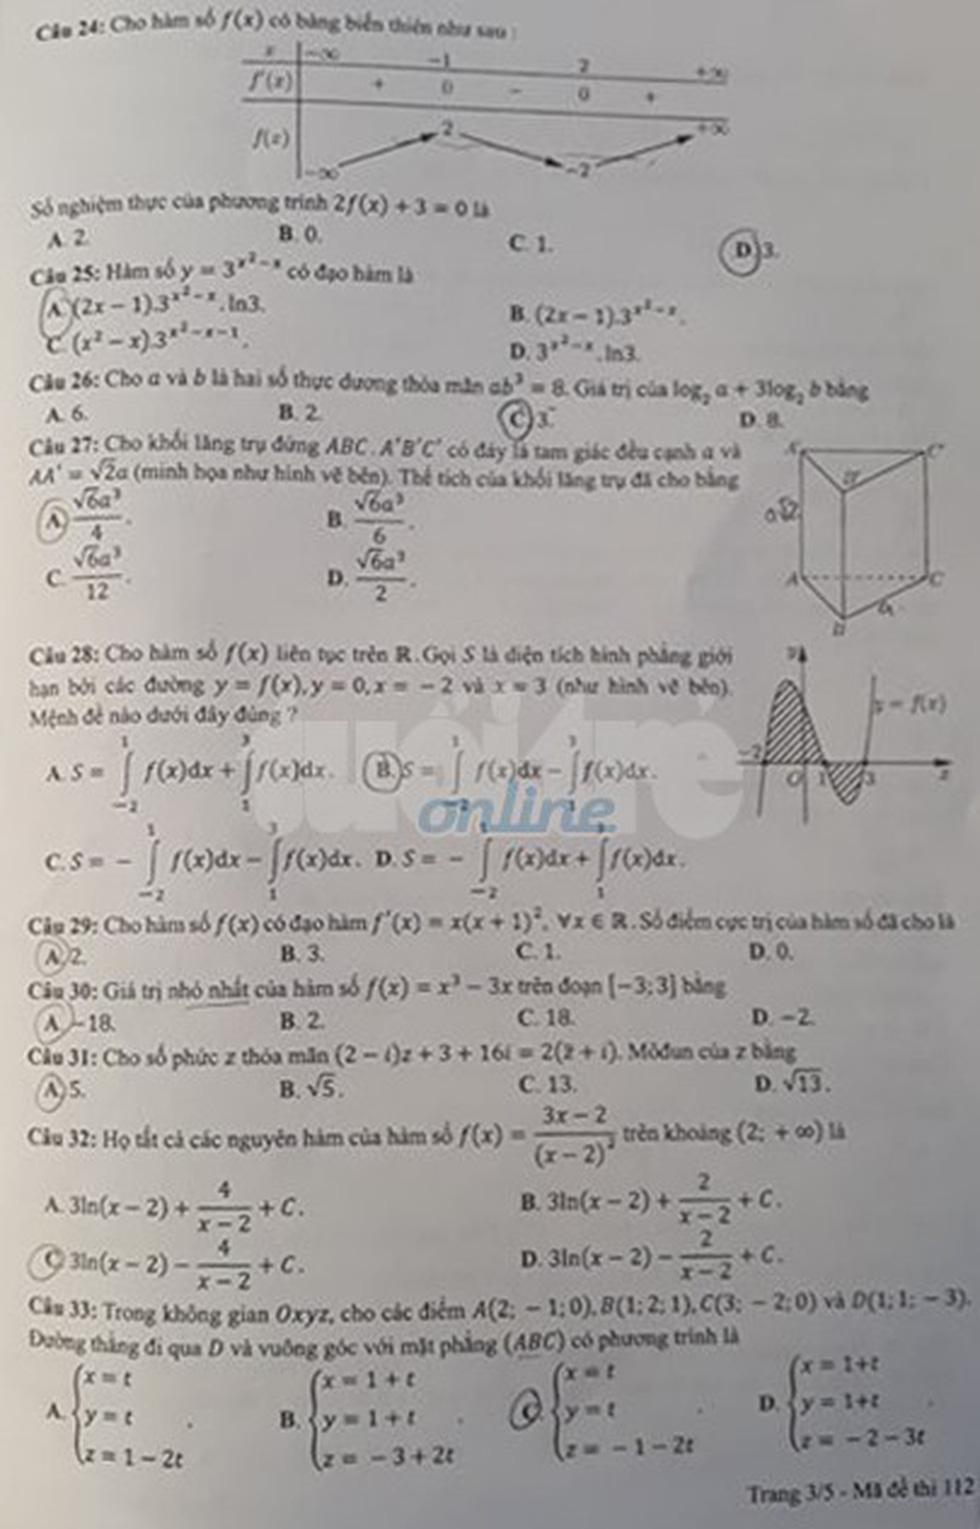 Đáp án môn toán thi THPT quốc gia 2019 - Ảnh 22.